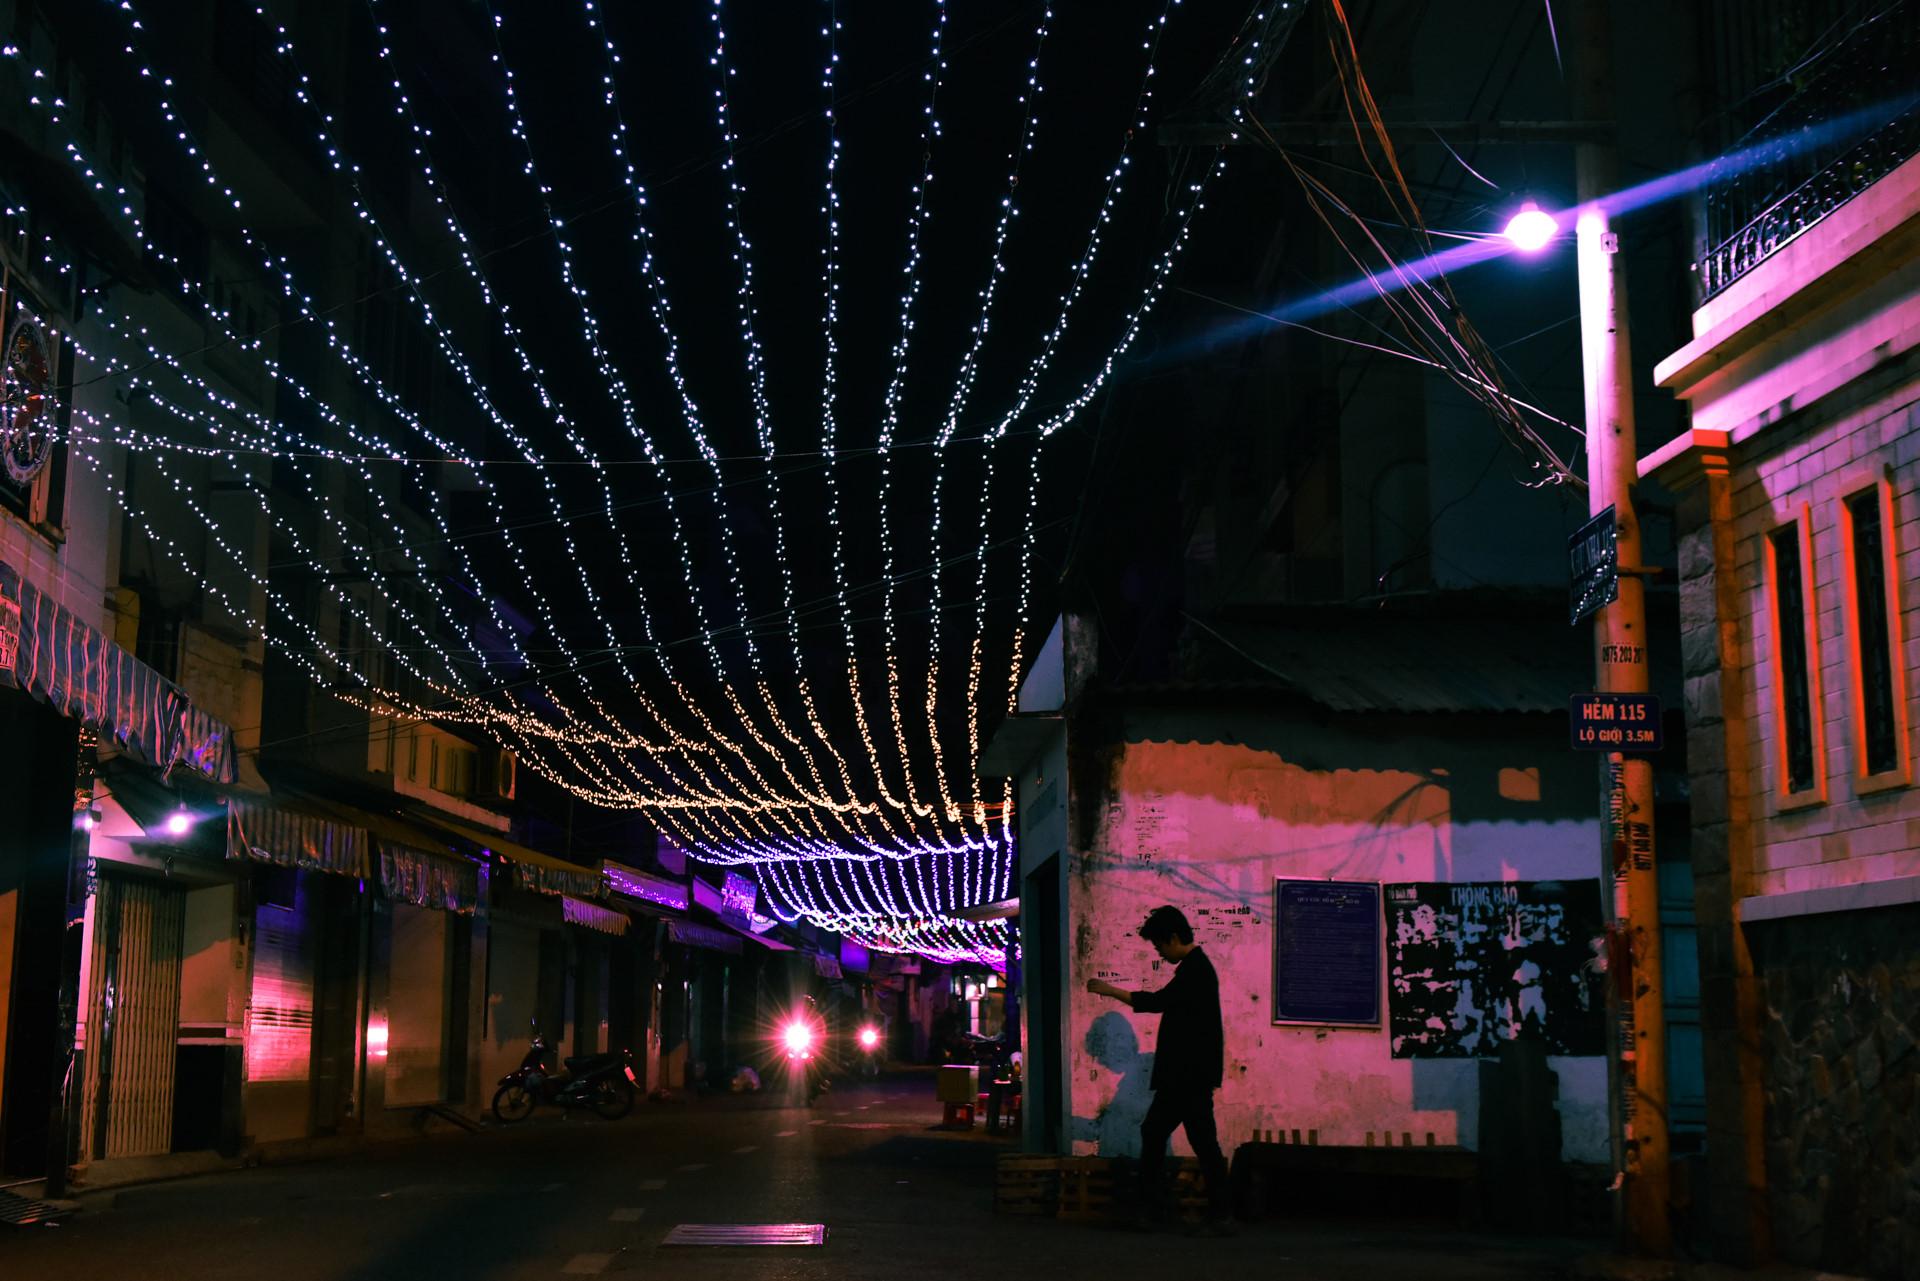 Có một giáng sinh lặng lẽ trong những con hẻm Sài Gòn Ảnh 10